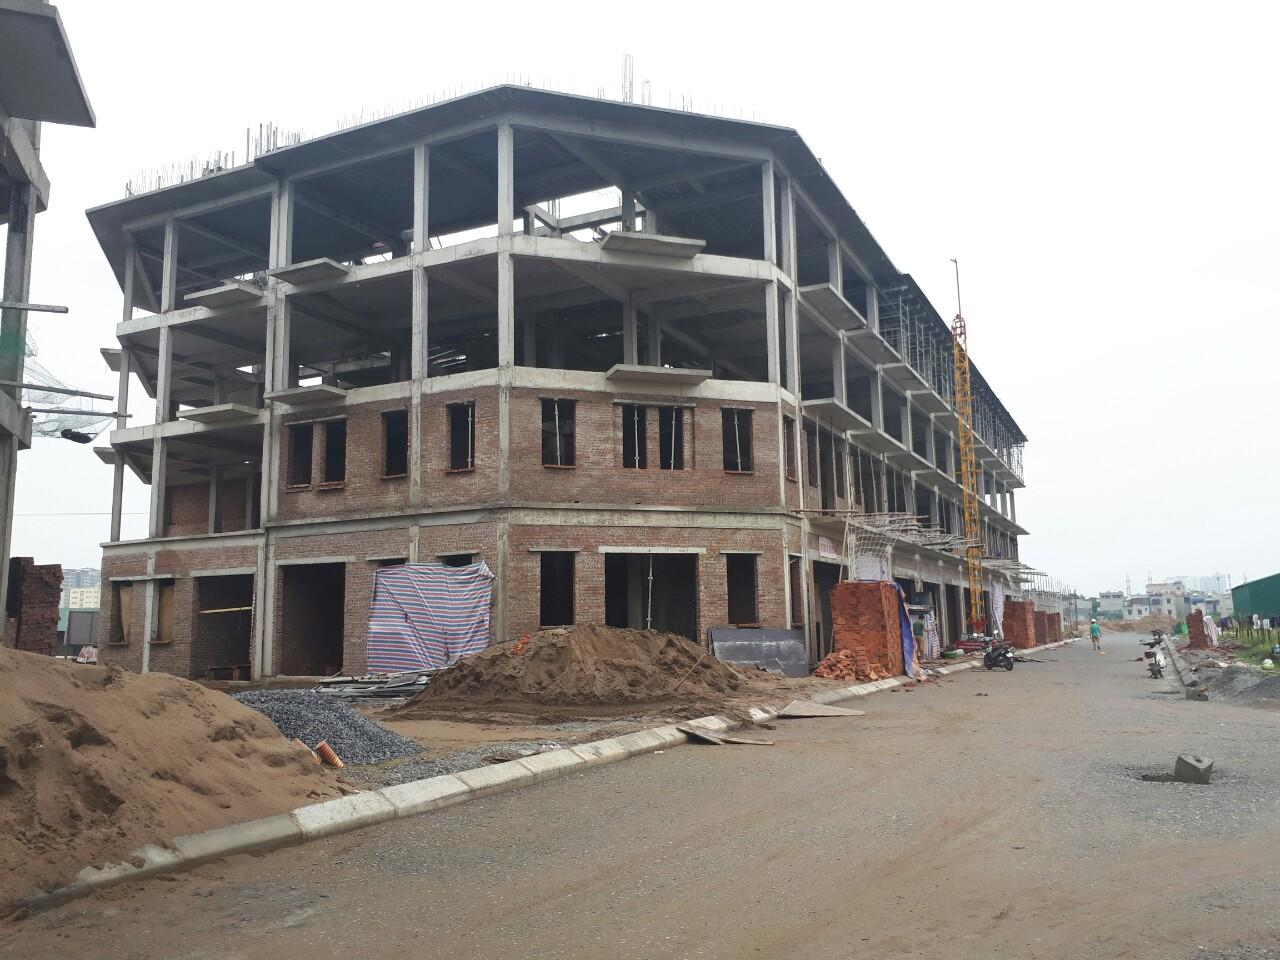 Liền kề LK15 Dự án Khu đô thị mới Phú Lương